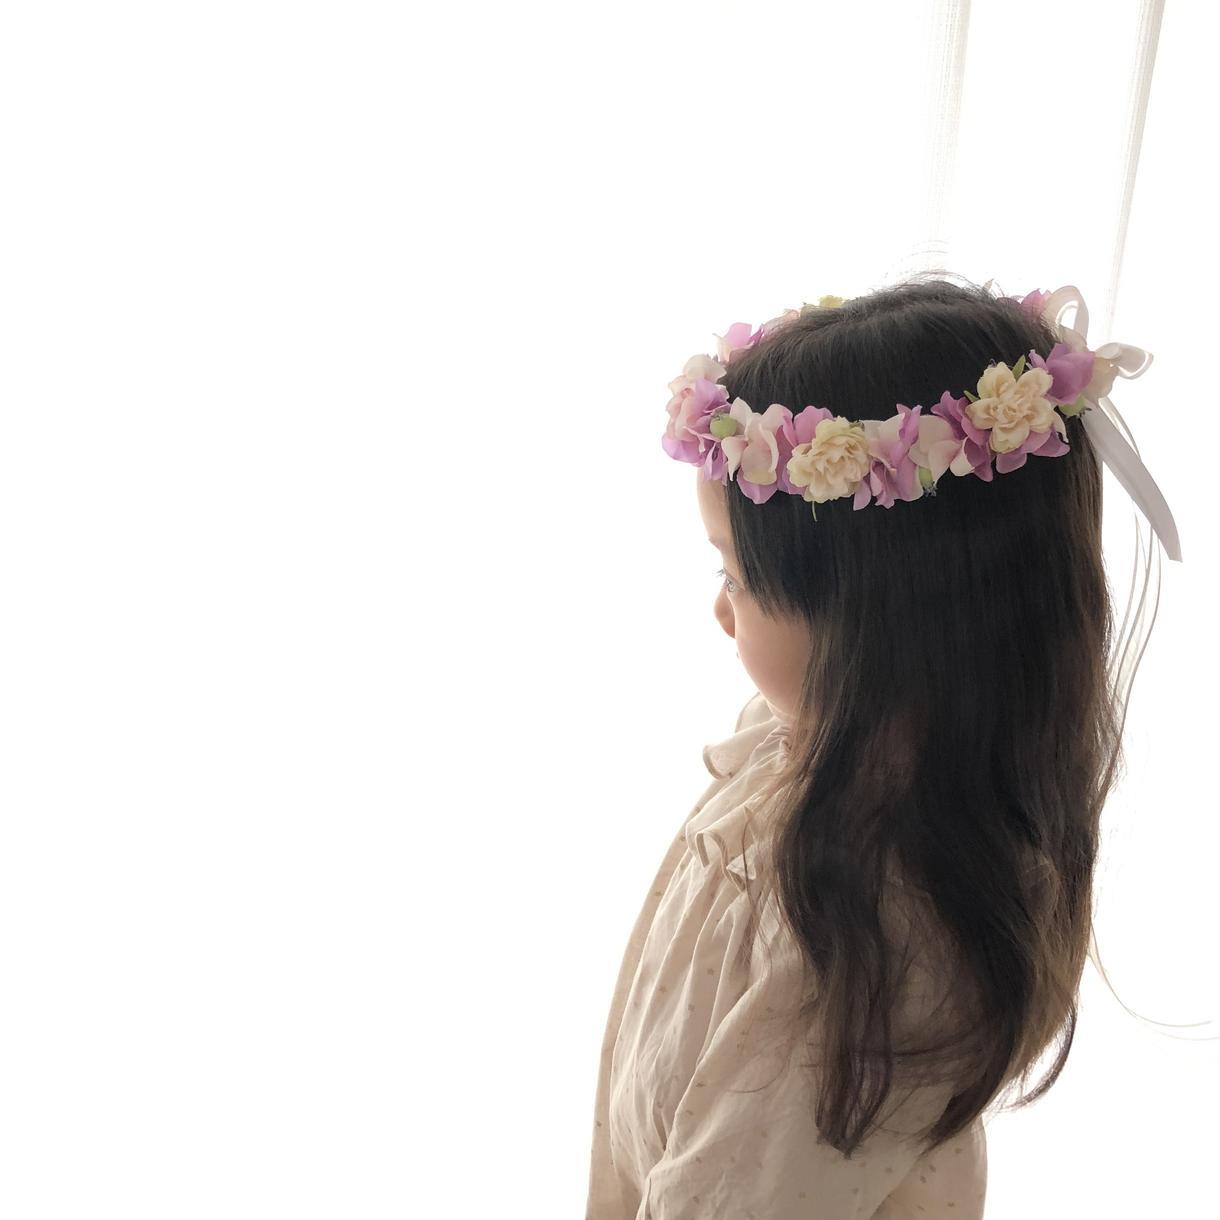 お子さま用花冠オーダー承ります 最高に可愛い1枚を撮るために♡誕生日、記念写真、リングガール